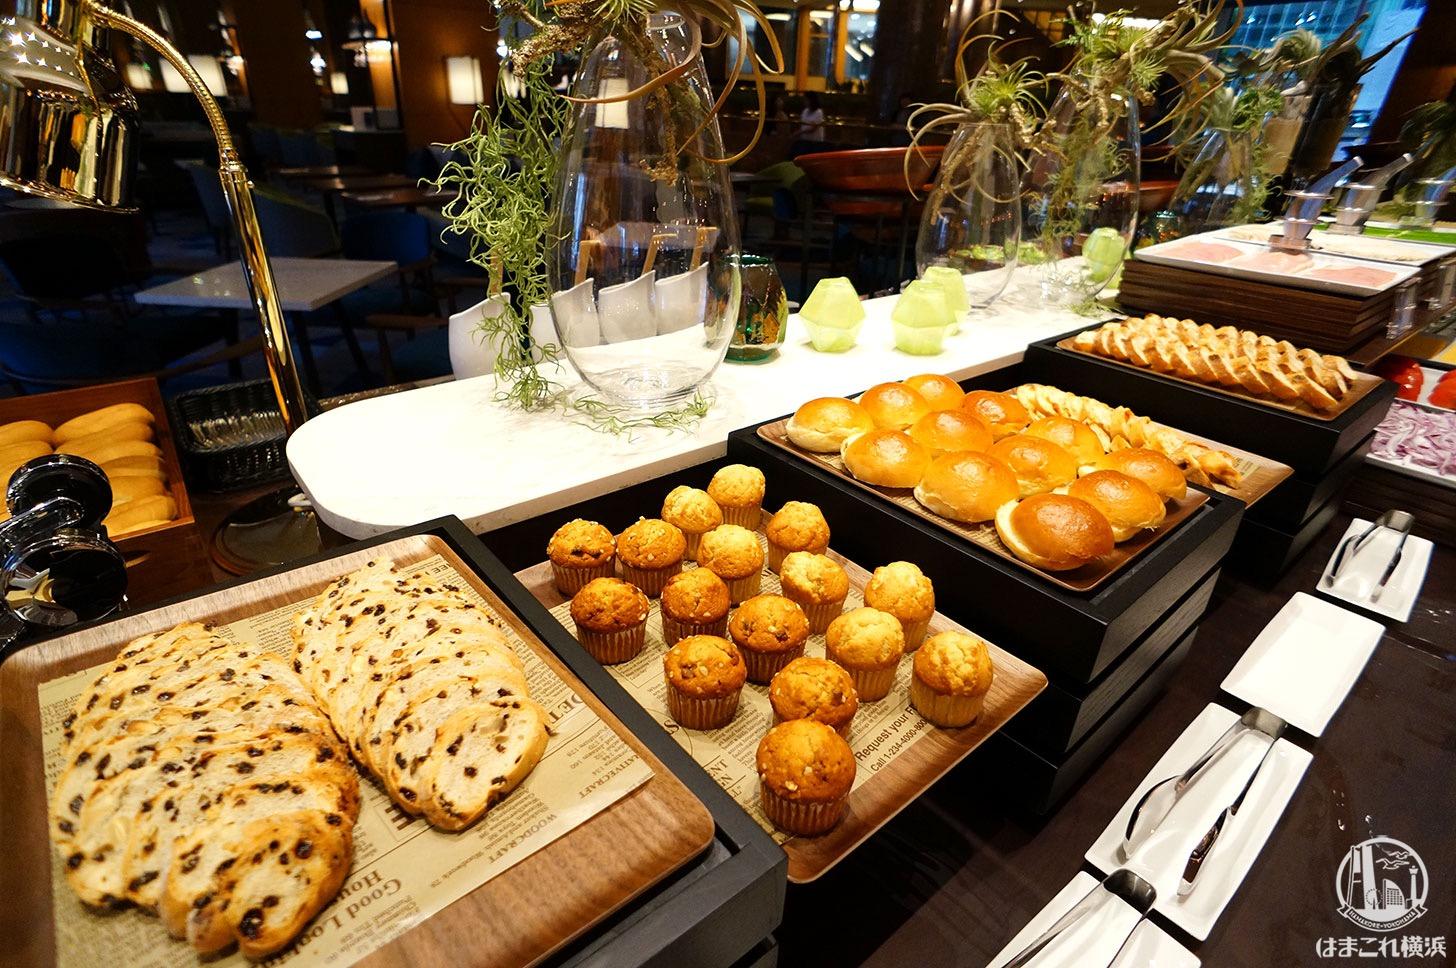 ナイトスイーツブッフェ 軽食のパン